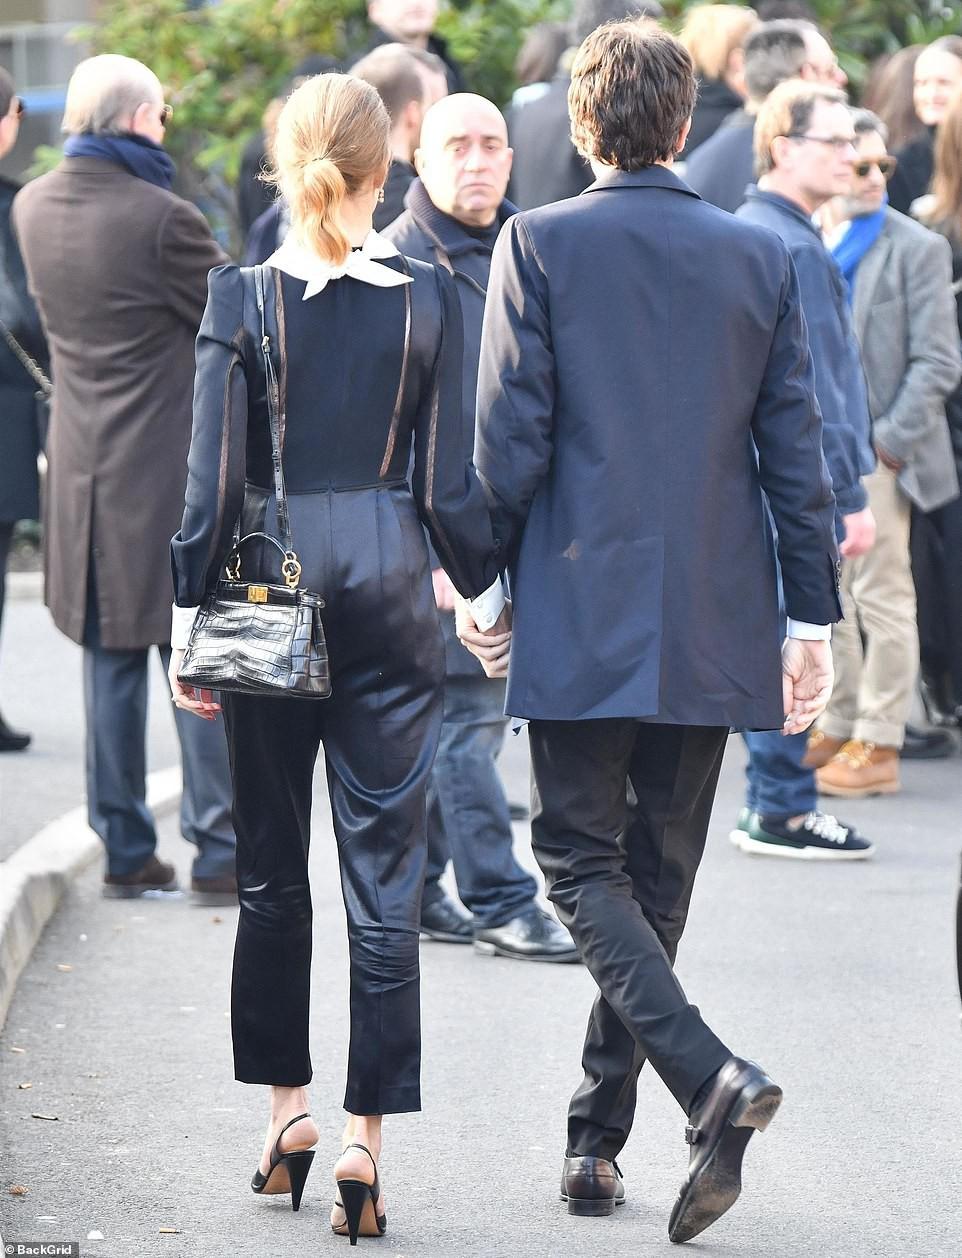 Lễ hỏa táng của huyền thoại Karl Lagerfeld: Công chúa Monaco, tổng biên tạp chí Vogue cùng dàn siêu mẫu đến tiễn đưa - Ảnh 9.